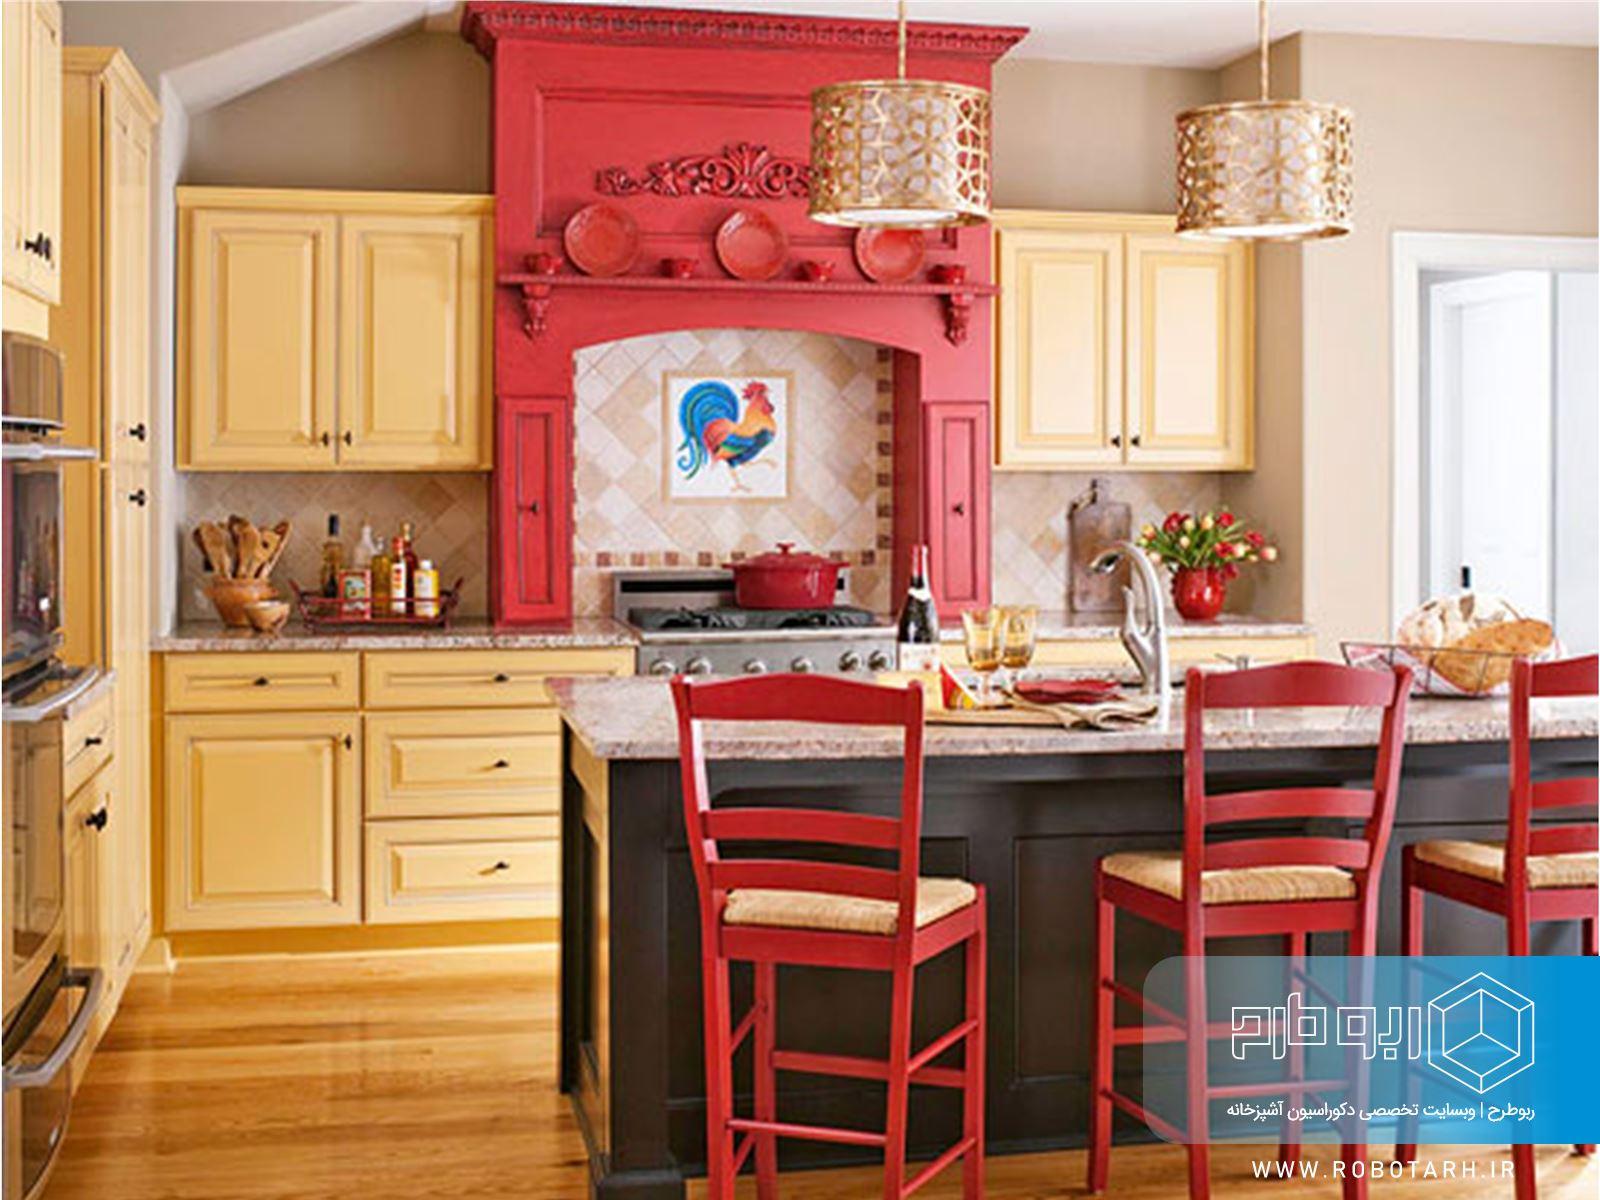 ترکیب کابینت آشپزخانه زرد و قرمز